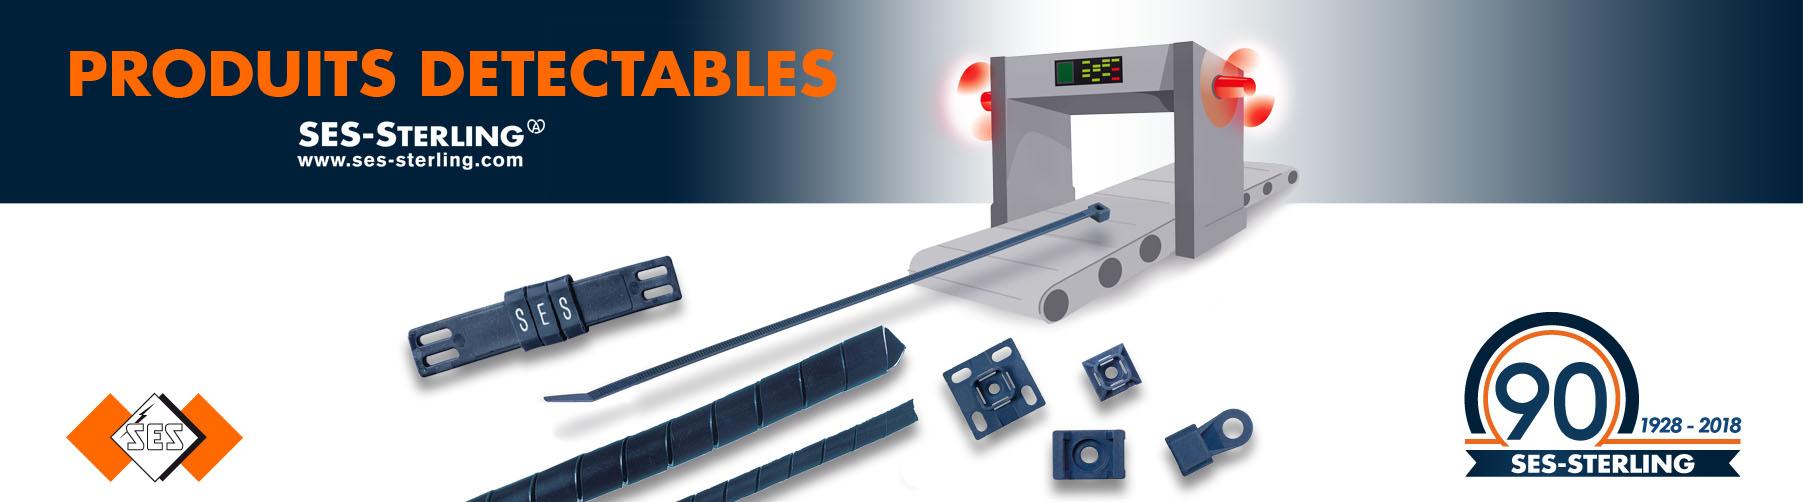 Accessoires de cablâge détectables au détecteur à métaux